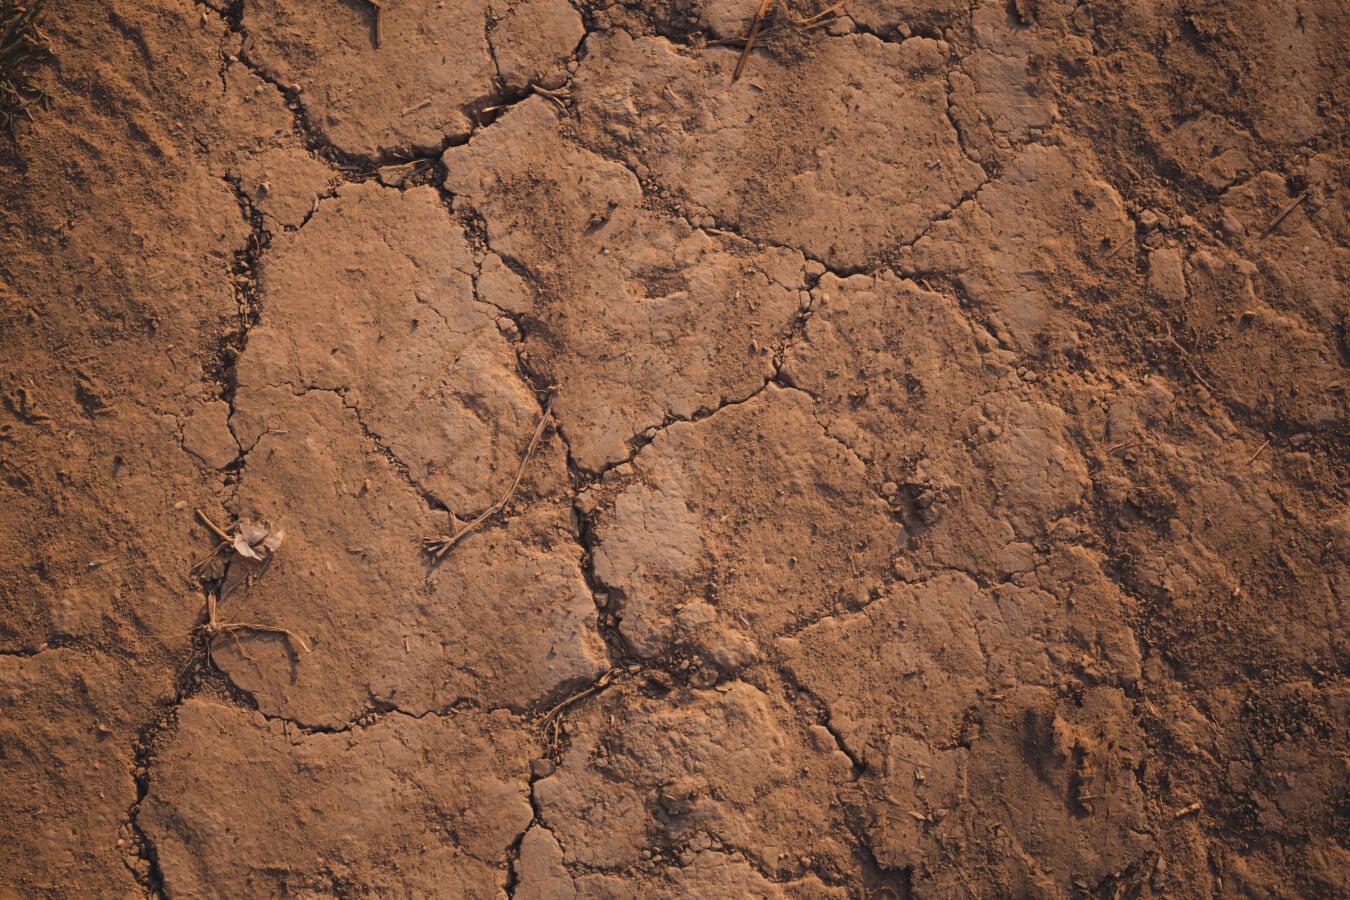 trocken, Boden, Staub, Schlamm, Erosion, alt, Boden, dreckig, Textur, Dürre